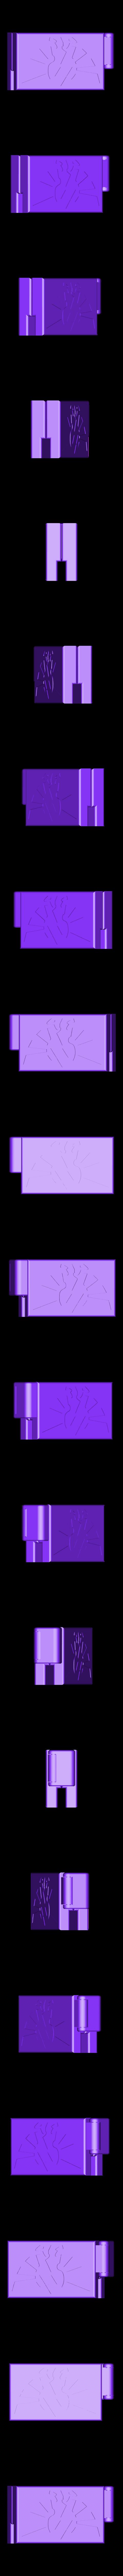 zeldawallet.stl Télécharger fichier STL gratuit Video Game / Anime Themed Wallets • Objet pour imprimante 3D, ChrisBobo